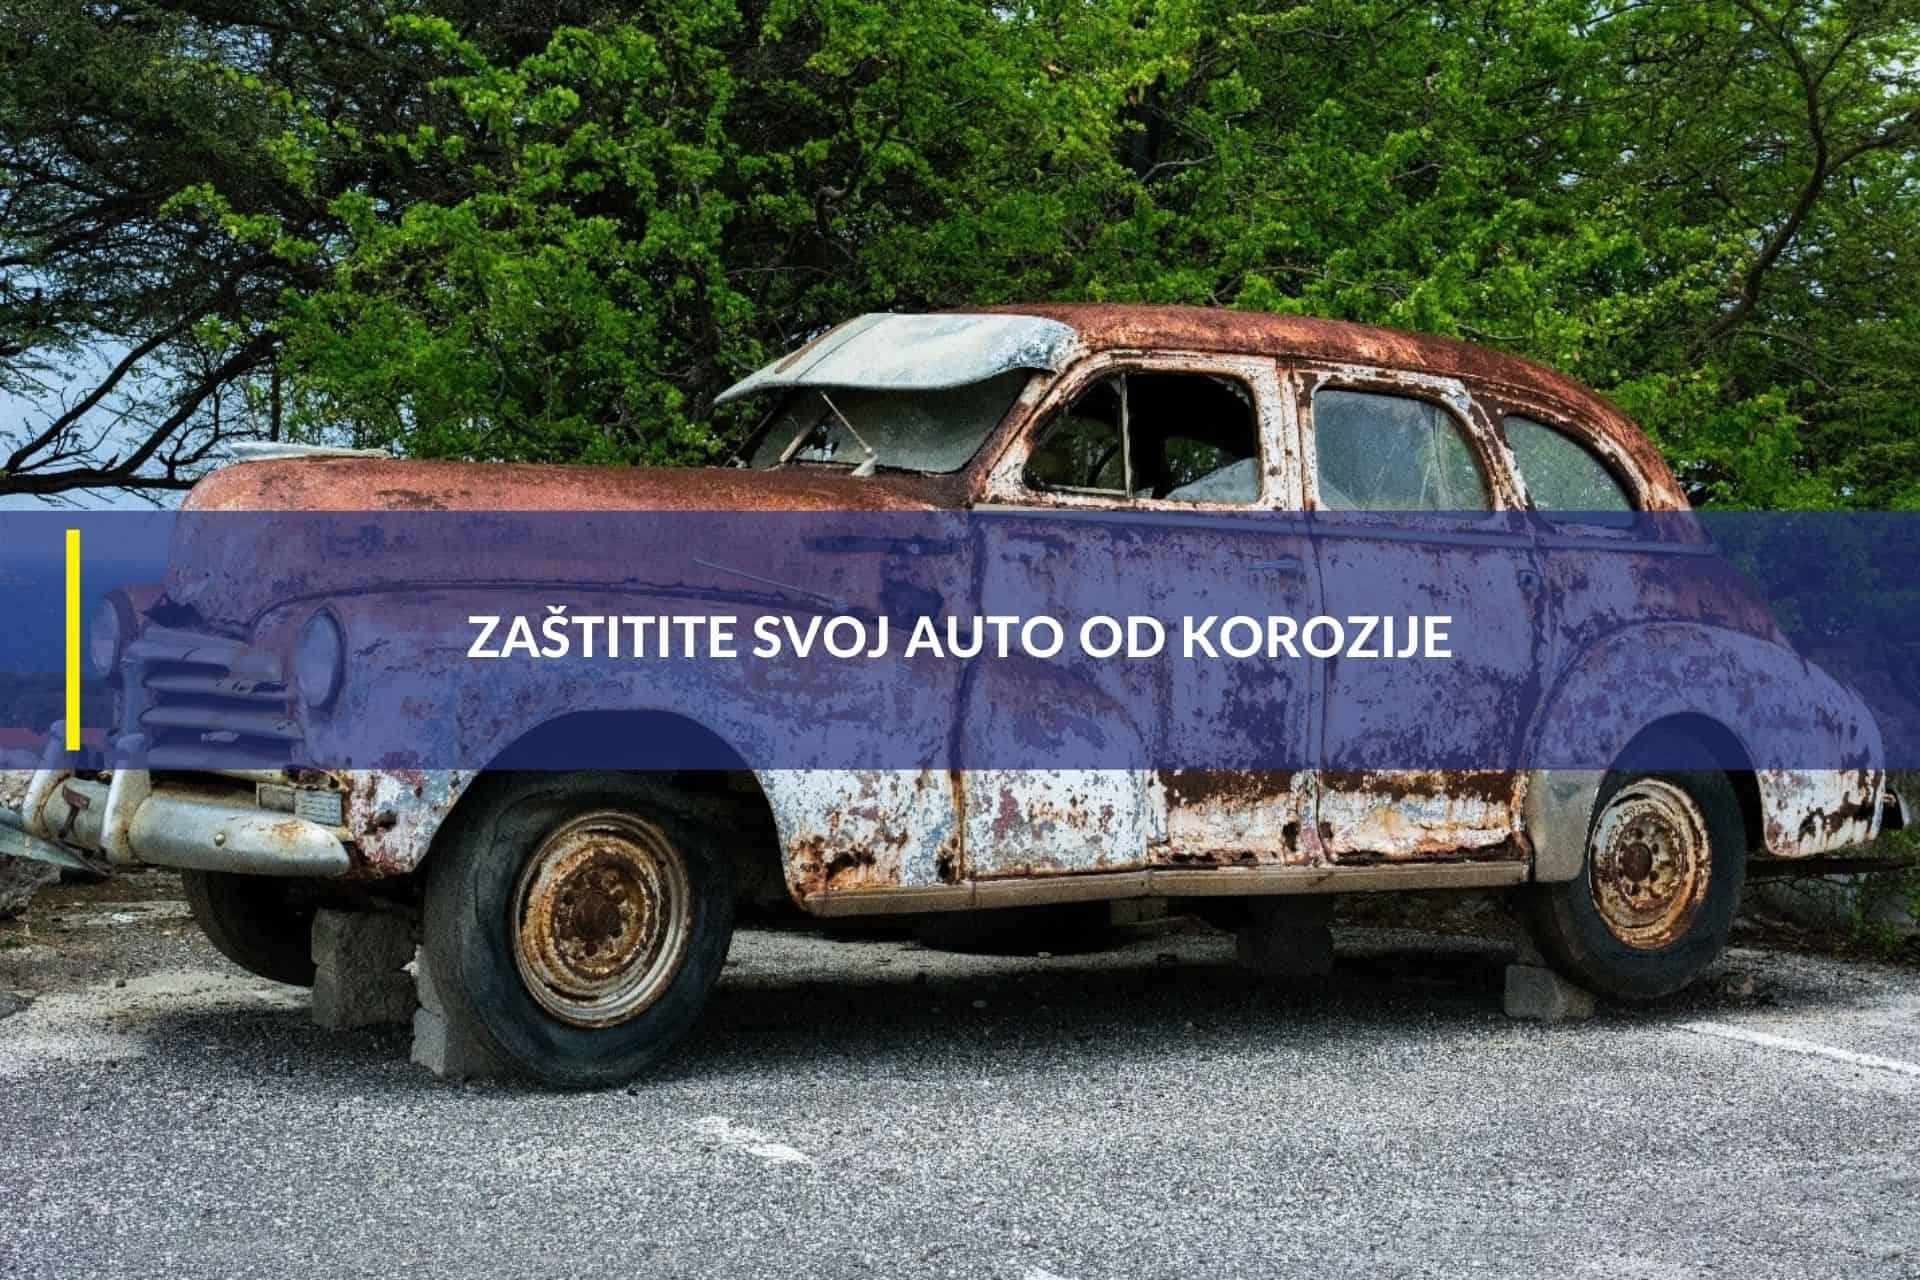 Zaštitite svoj auto od korozije